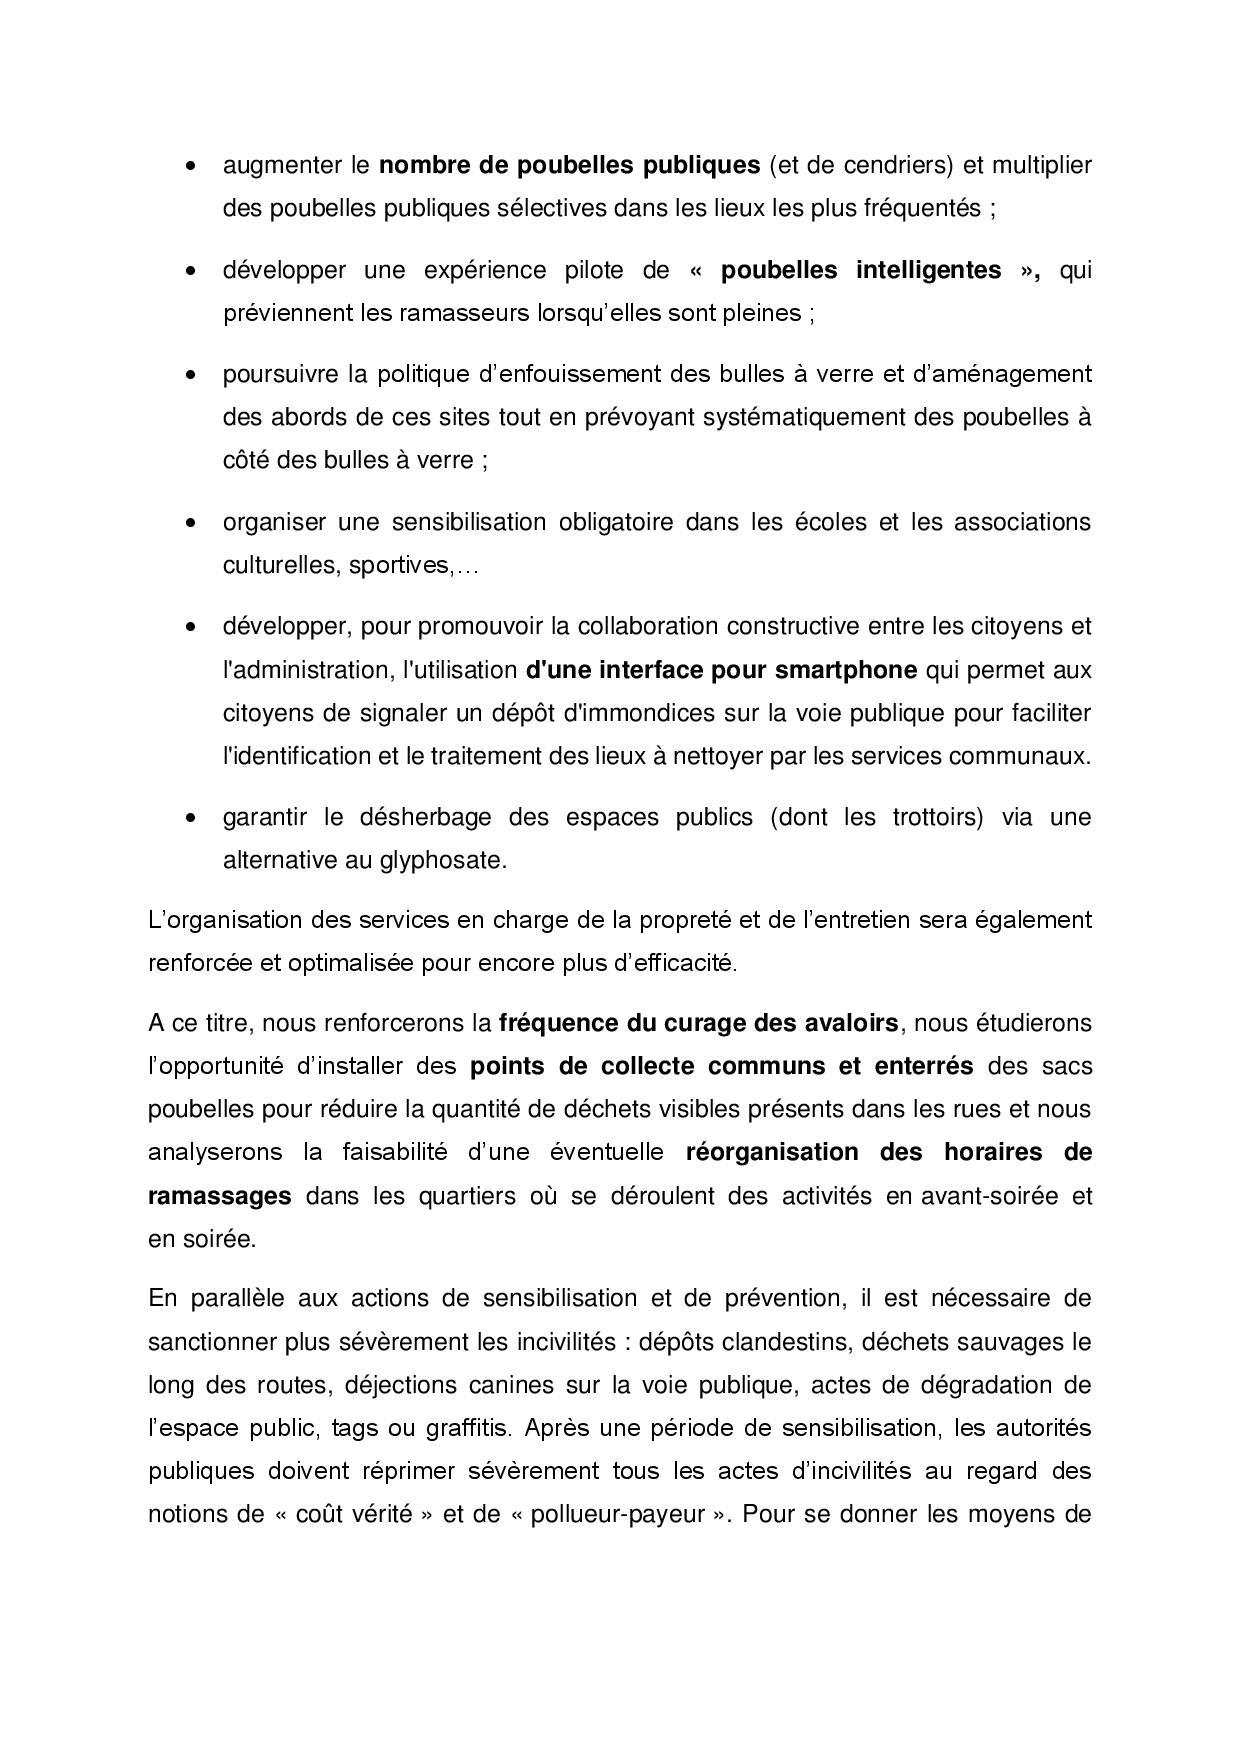 Transition écologique (page 05)